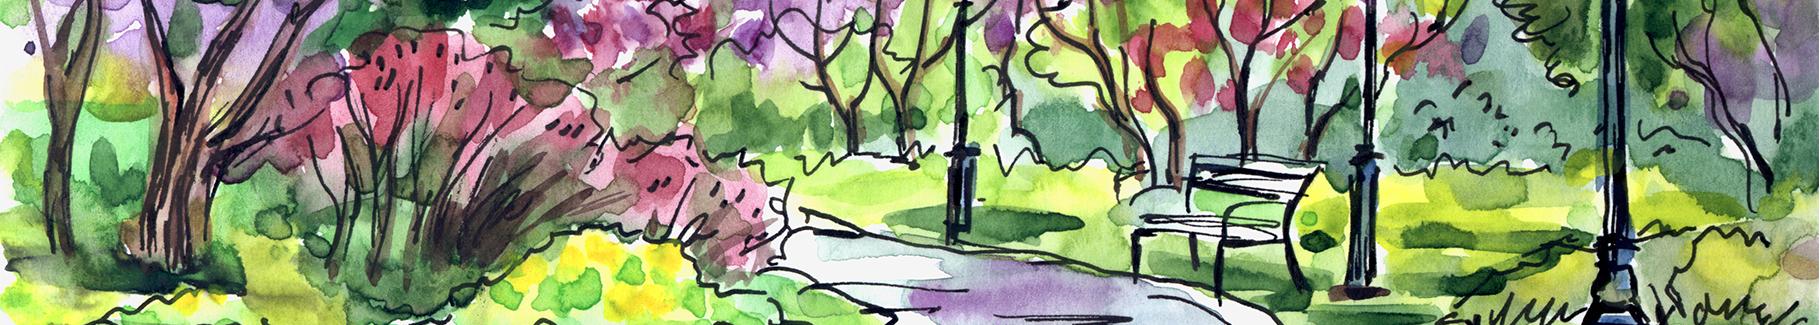 Obraz jesienny park